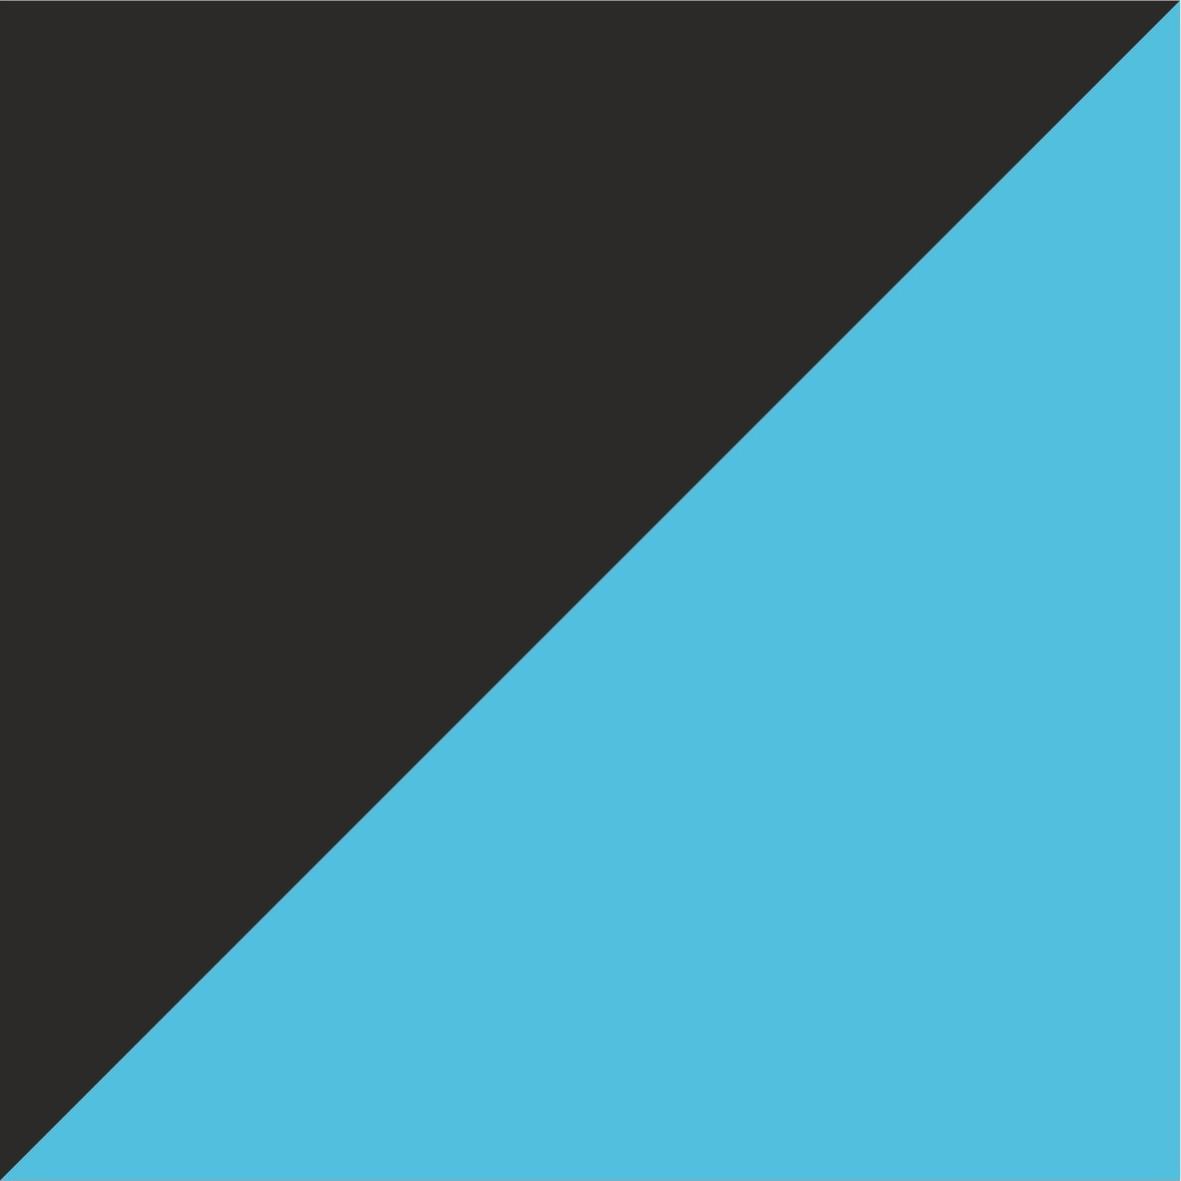 czarno-niebieski neonowy